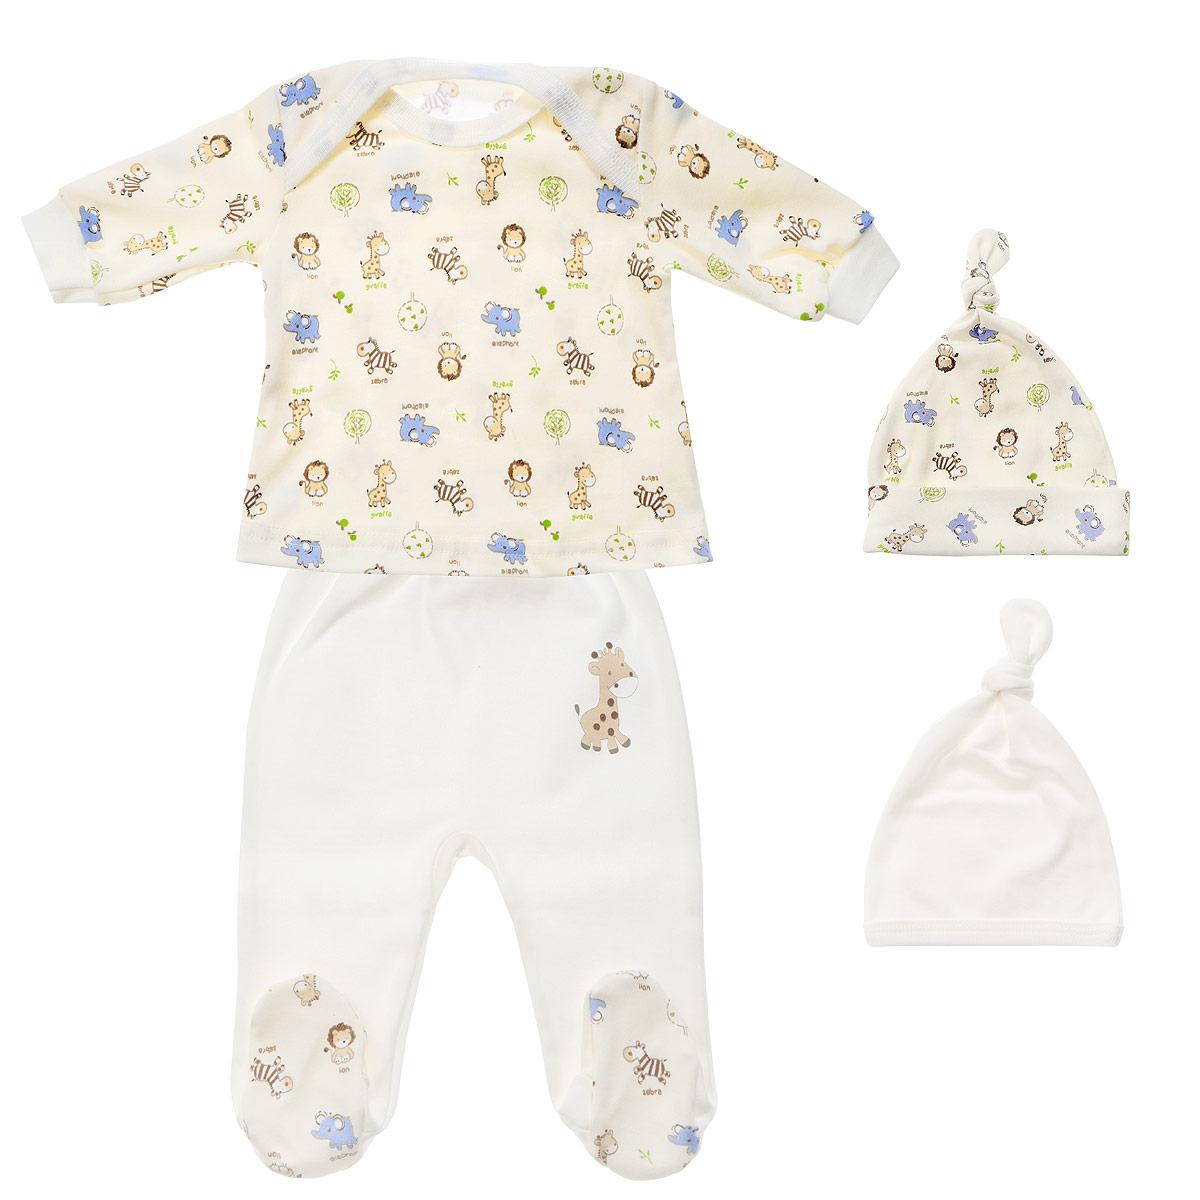 Комплект детский Фреш Стайл, цвет: экрю, белый, 4 предмета. 33к-5236. Размер 20. Рост 62, до 3 месяцев